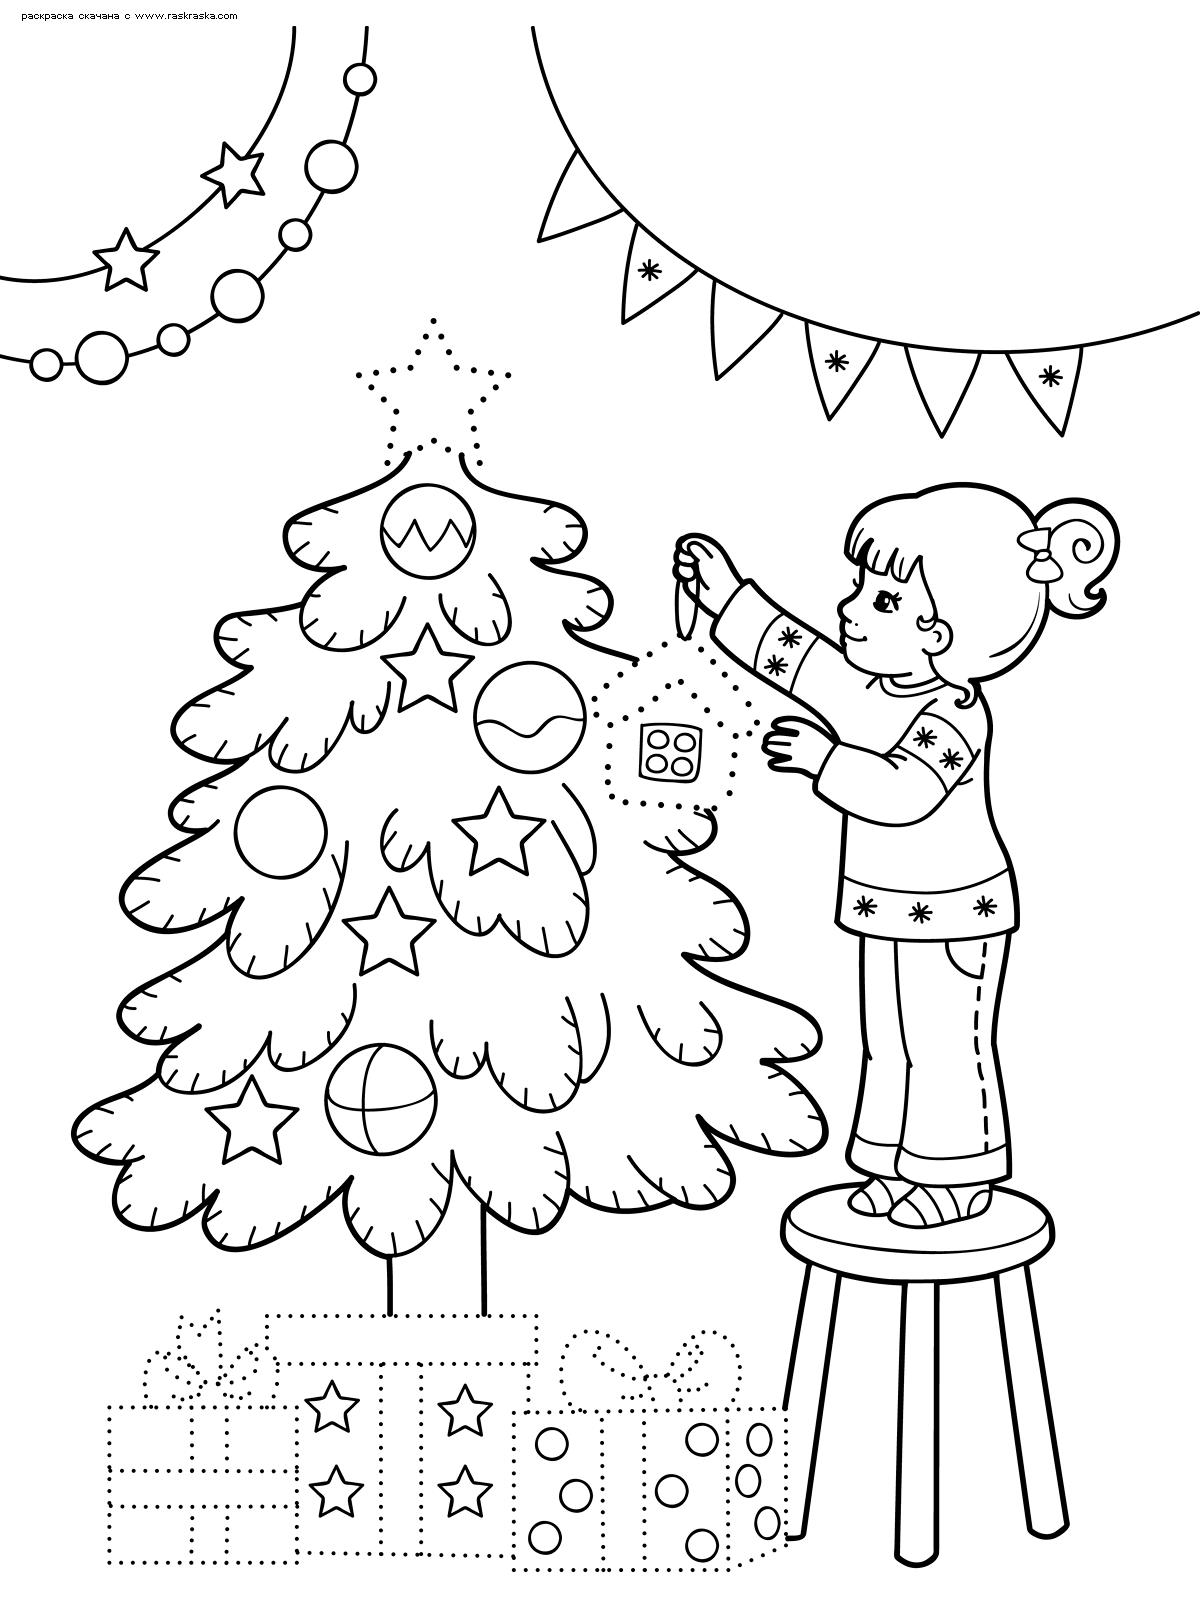 Раскраска Девочка наряжает елку. Раскраска елка, девочка, новый год